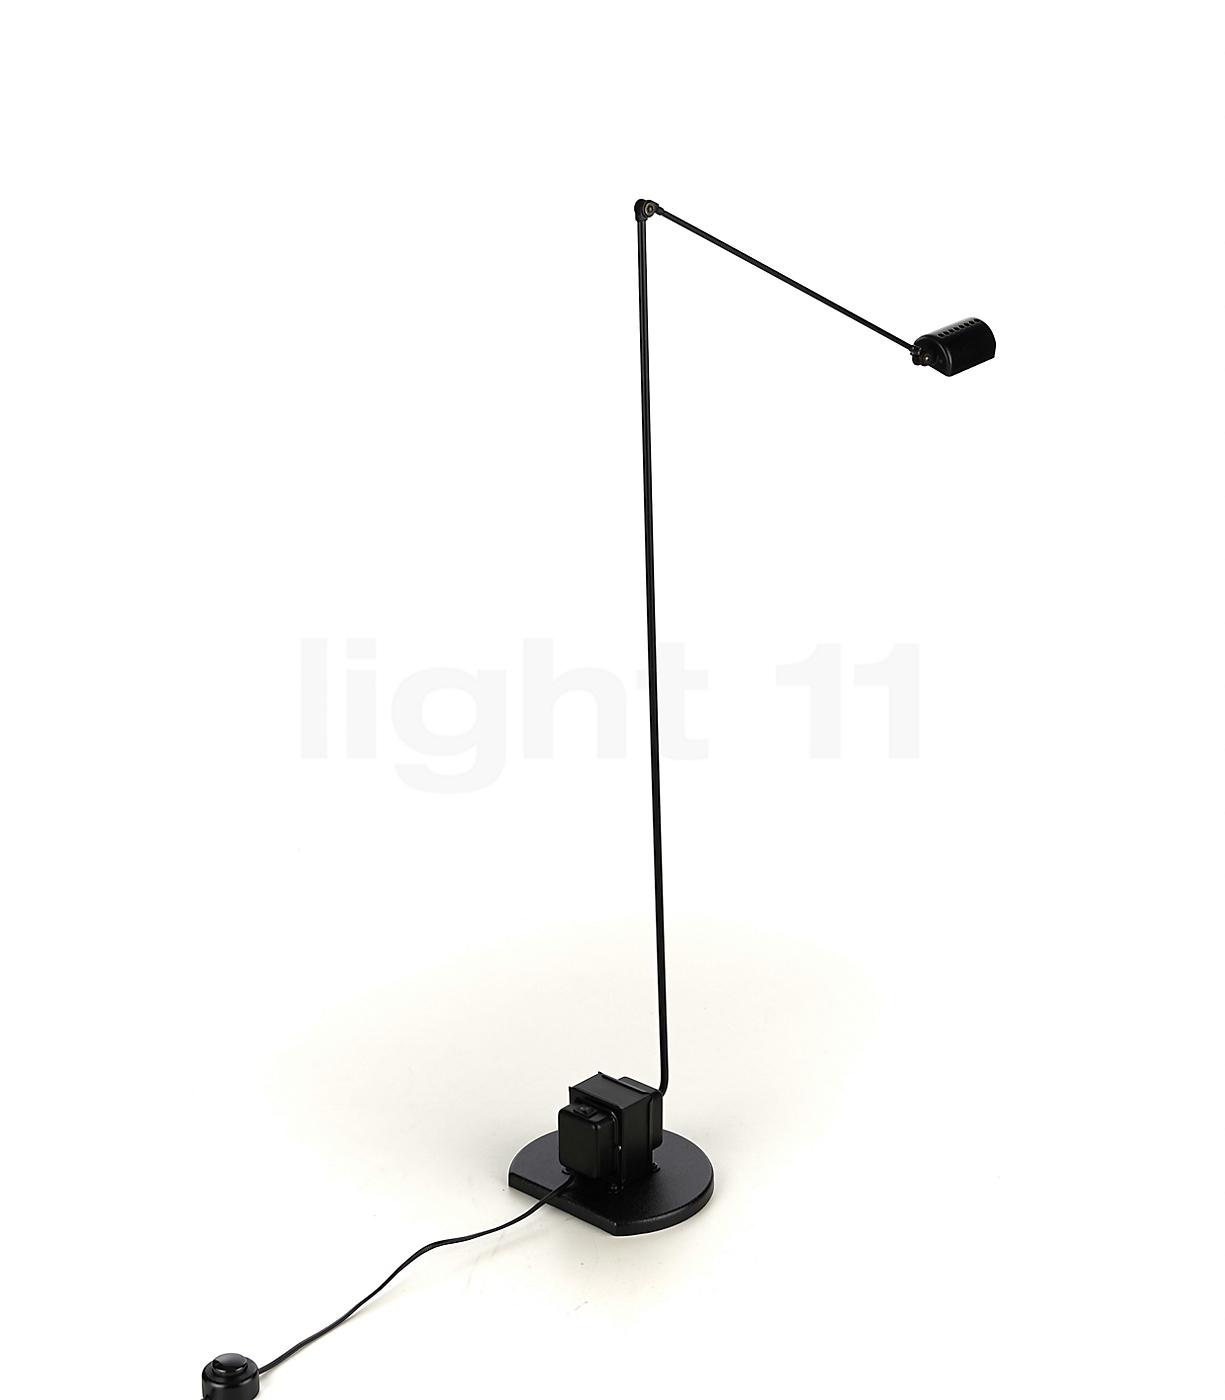 led stehlampe led stehleuchte online kaufen otto. Black Bedroom Furniture Sets. Home Design Ideas